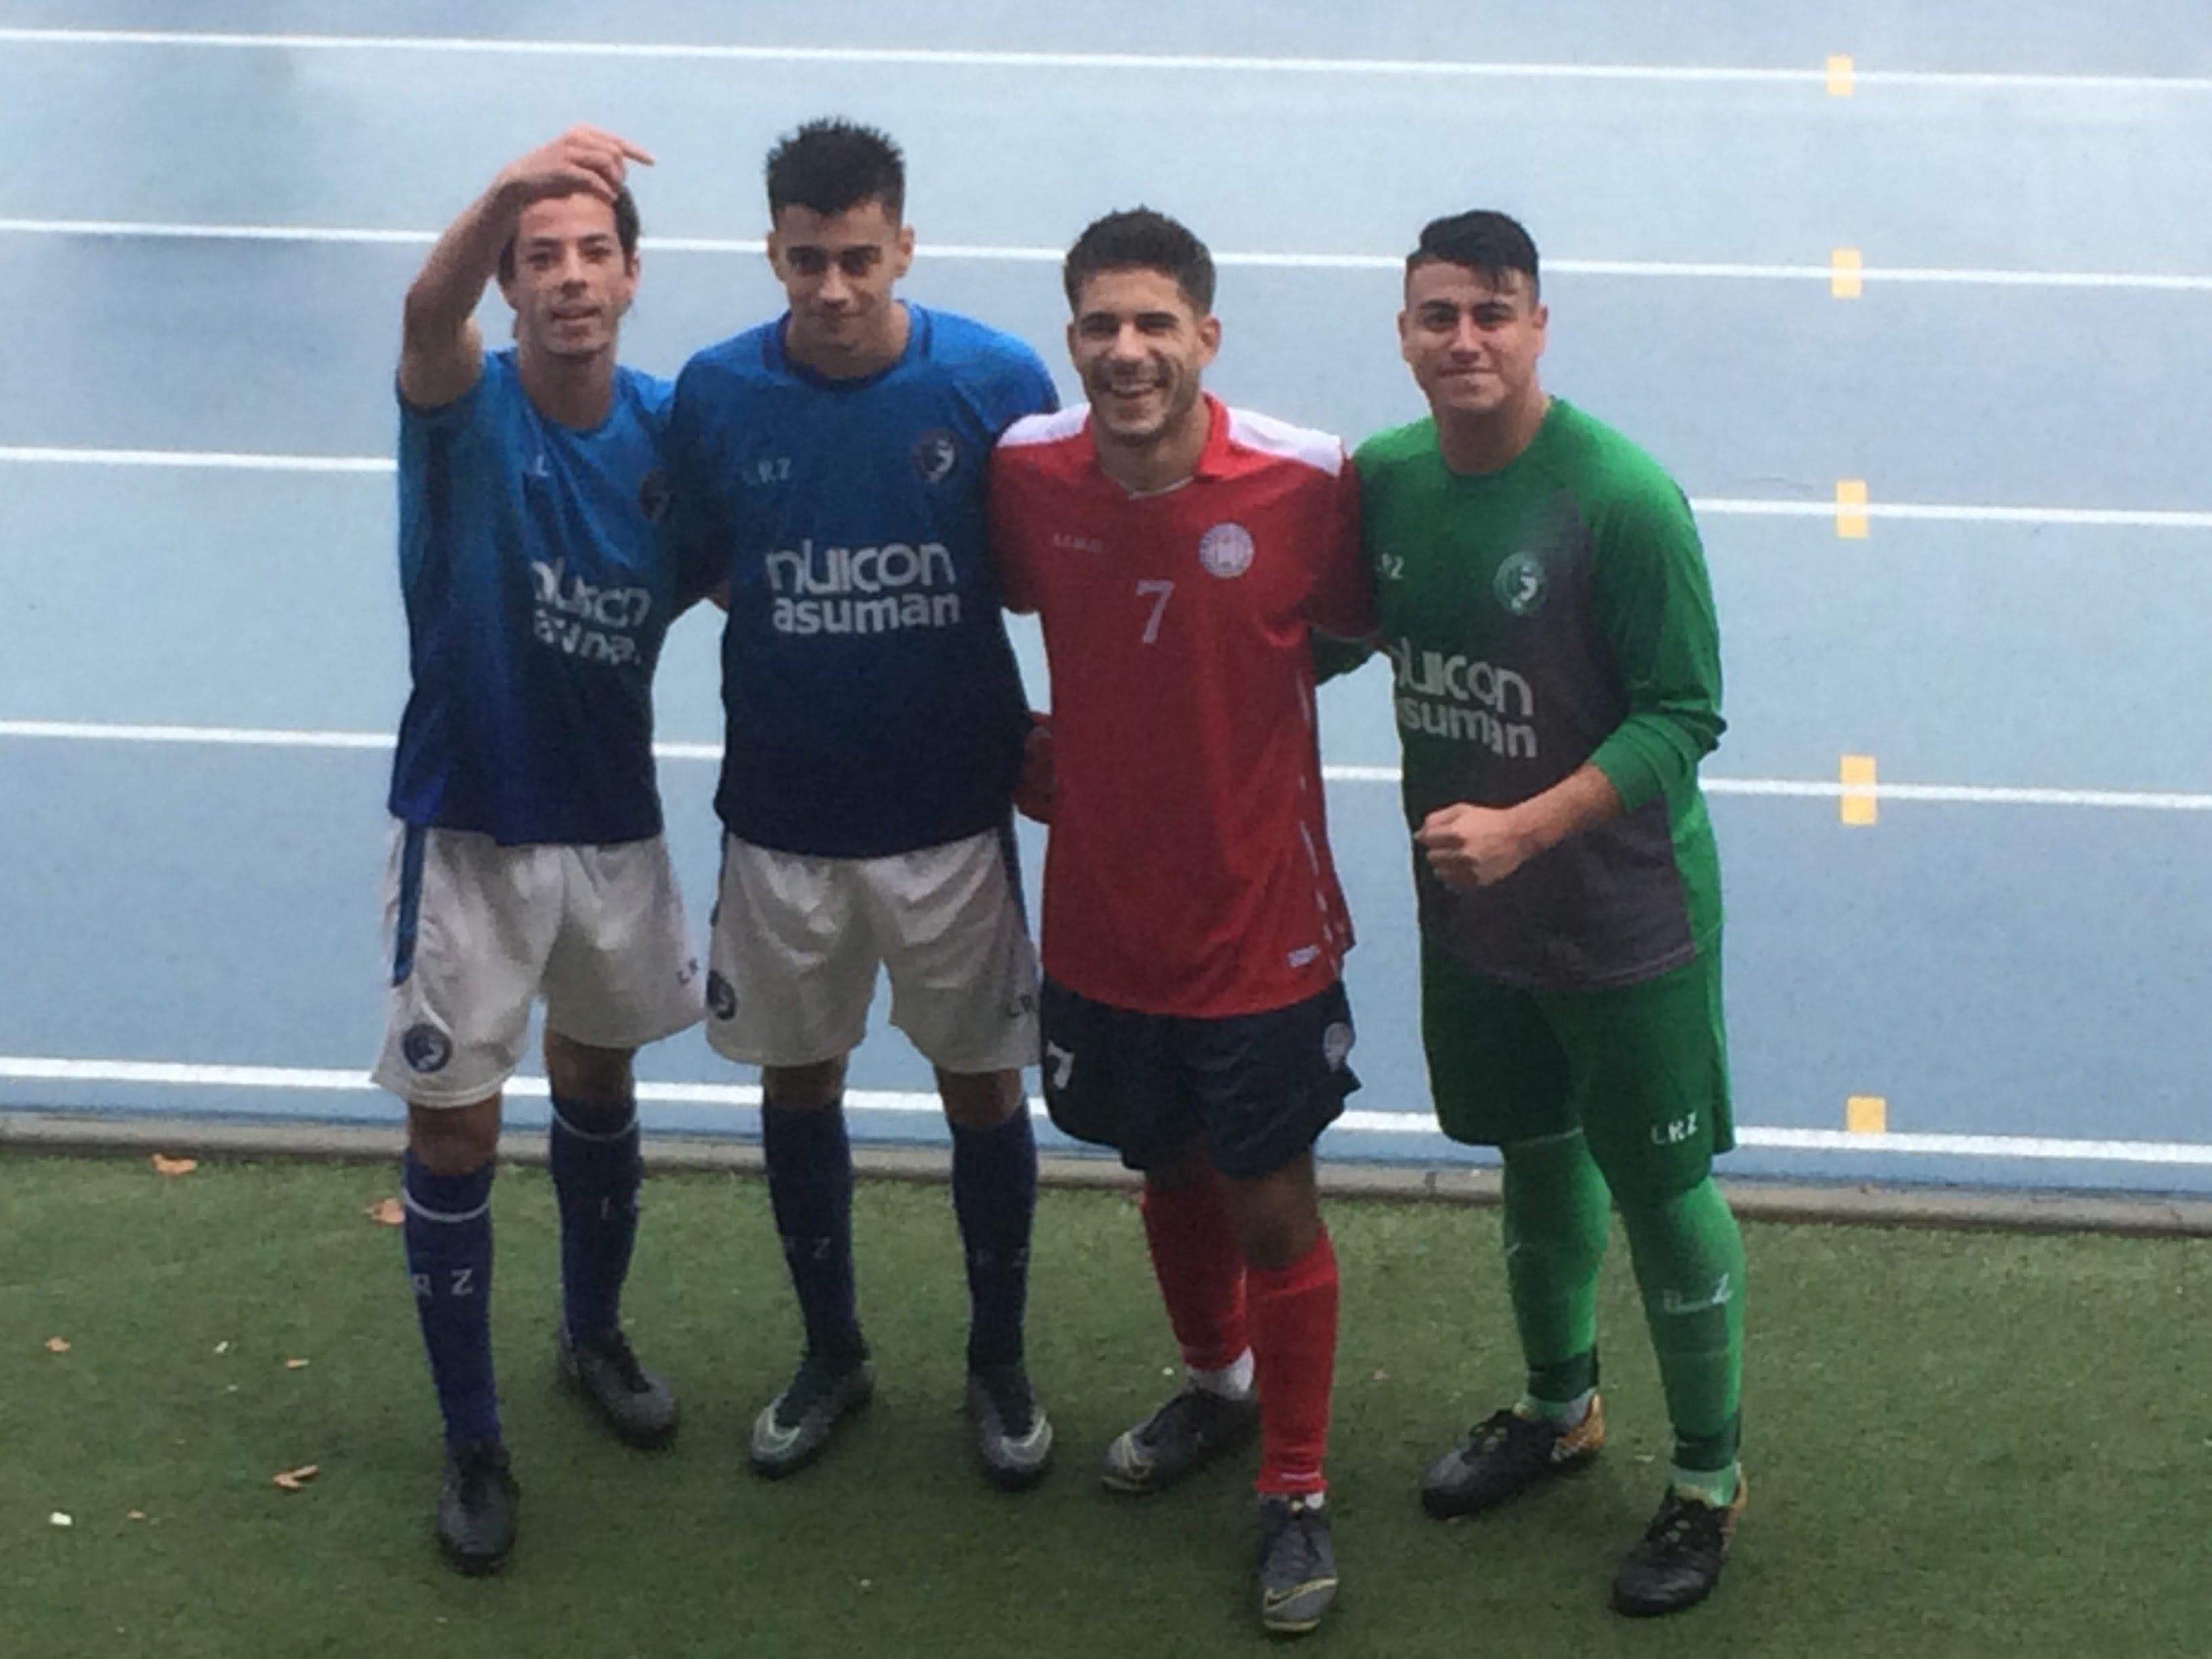 Fútbol cantera Majadahonda: Puerta Madrid, K-2 y los jugadores majariegos de Las Rozas y Boadilla